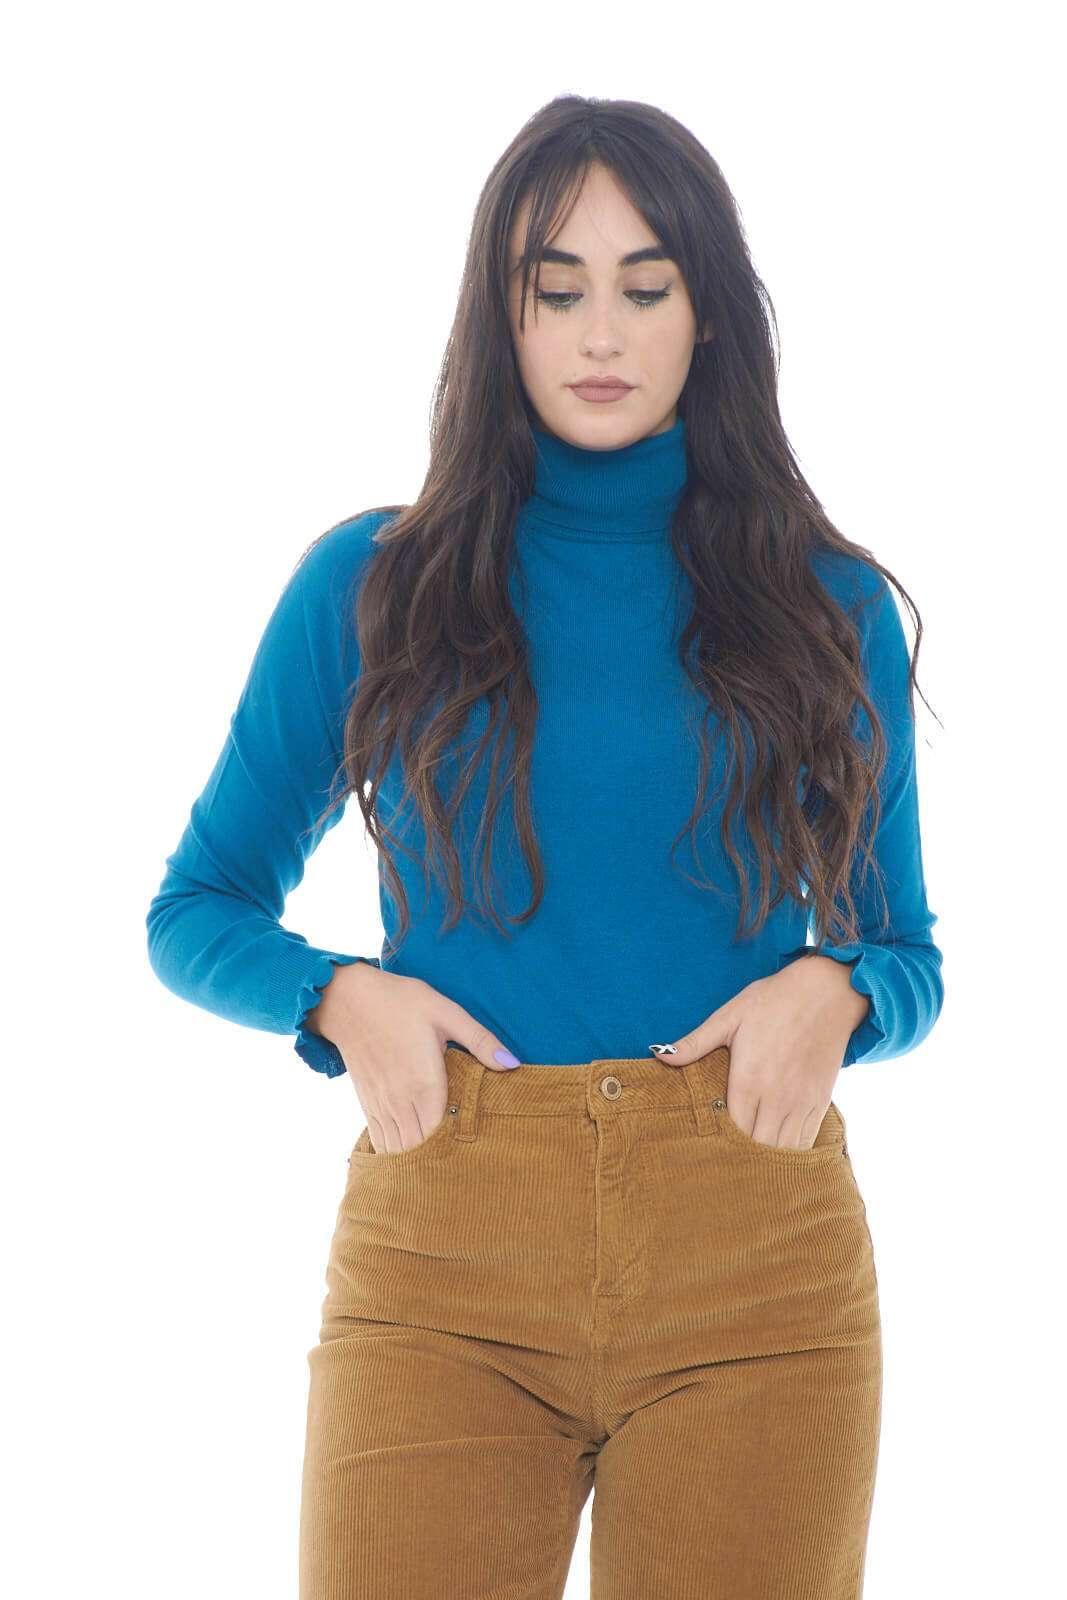 Una maglia dolcevita, semplice e pratica, firmata Liu Jo. Perfetta per outfit che punteranno tutto su uno stile semplice, ma curato. L'ideale per abbinamenti con pantaloni a costine, o minigonne, per sfoggiare un look chic e trendy.  La modella è alta 1,78m e indossa la taglia S.